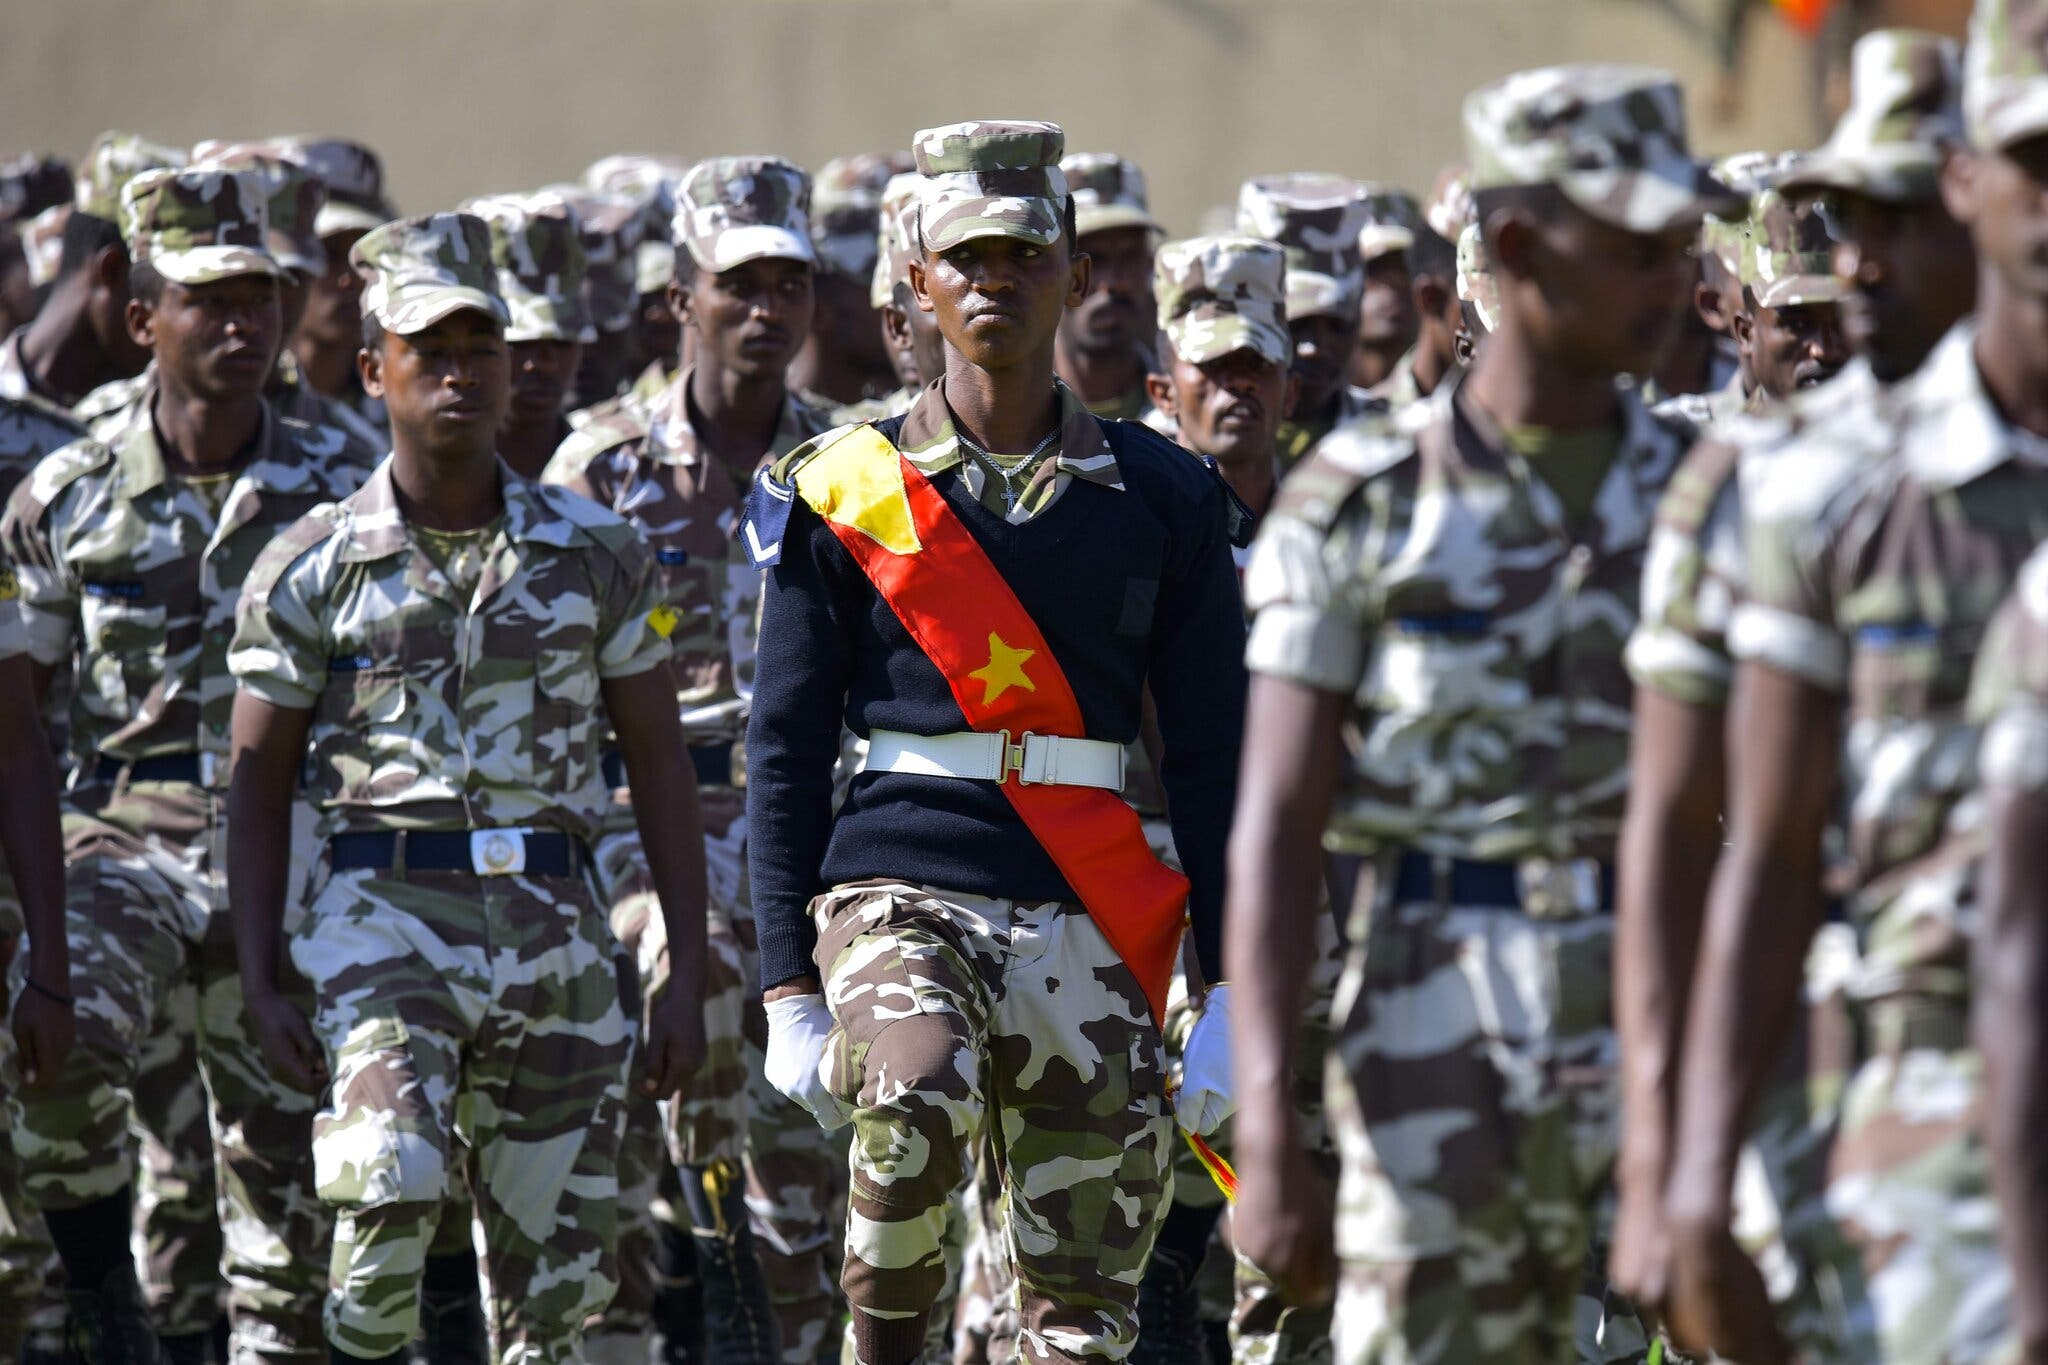 TPLF oo ku duuleysa Eritrea iyo Amxaarada kadib markii ay qabsadeen Makelle